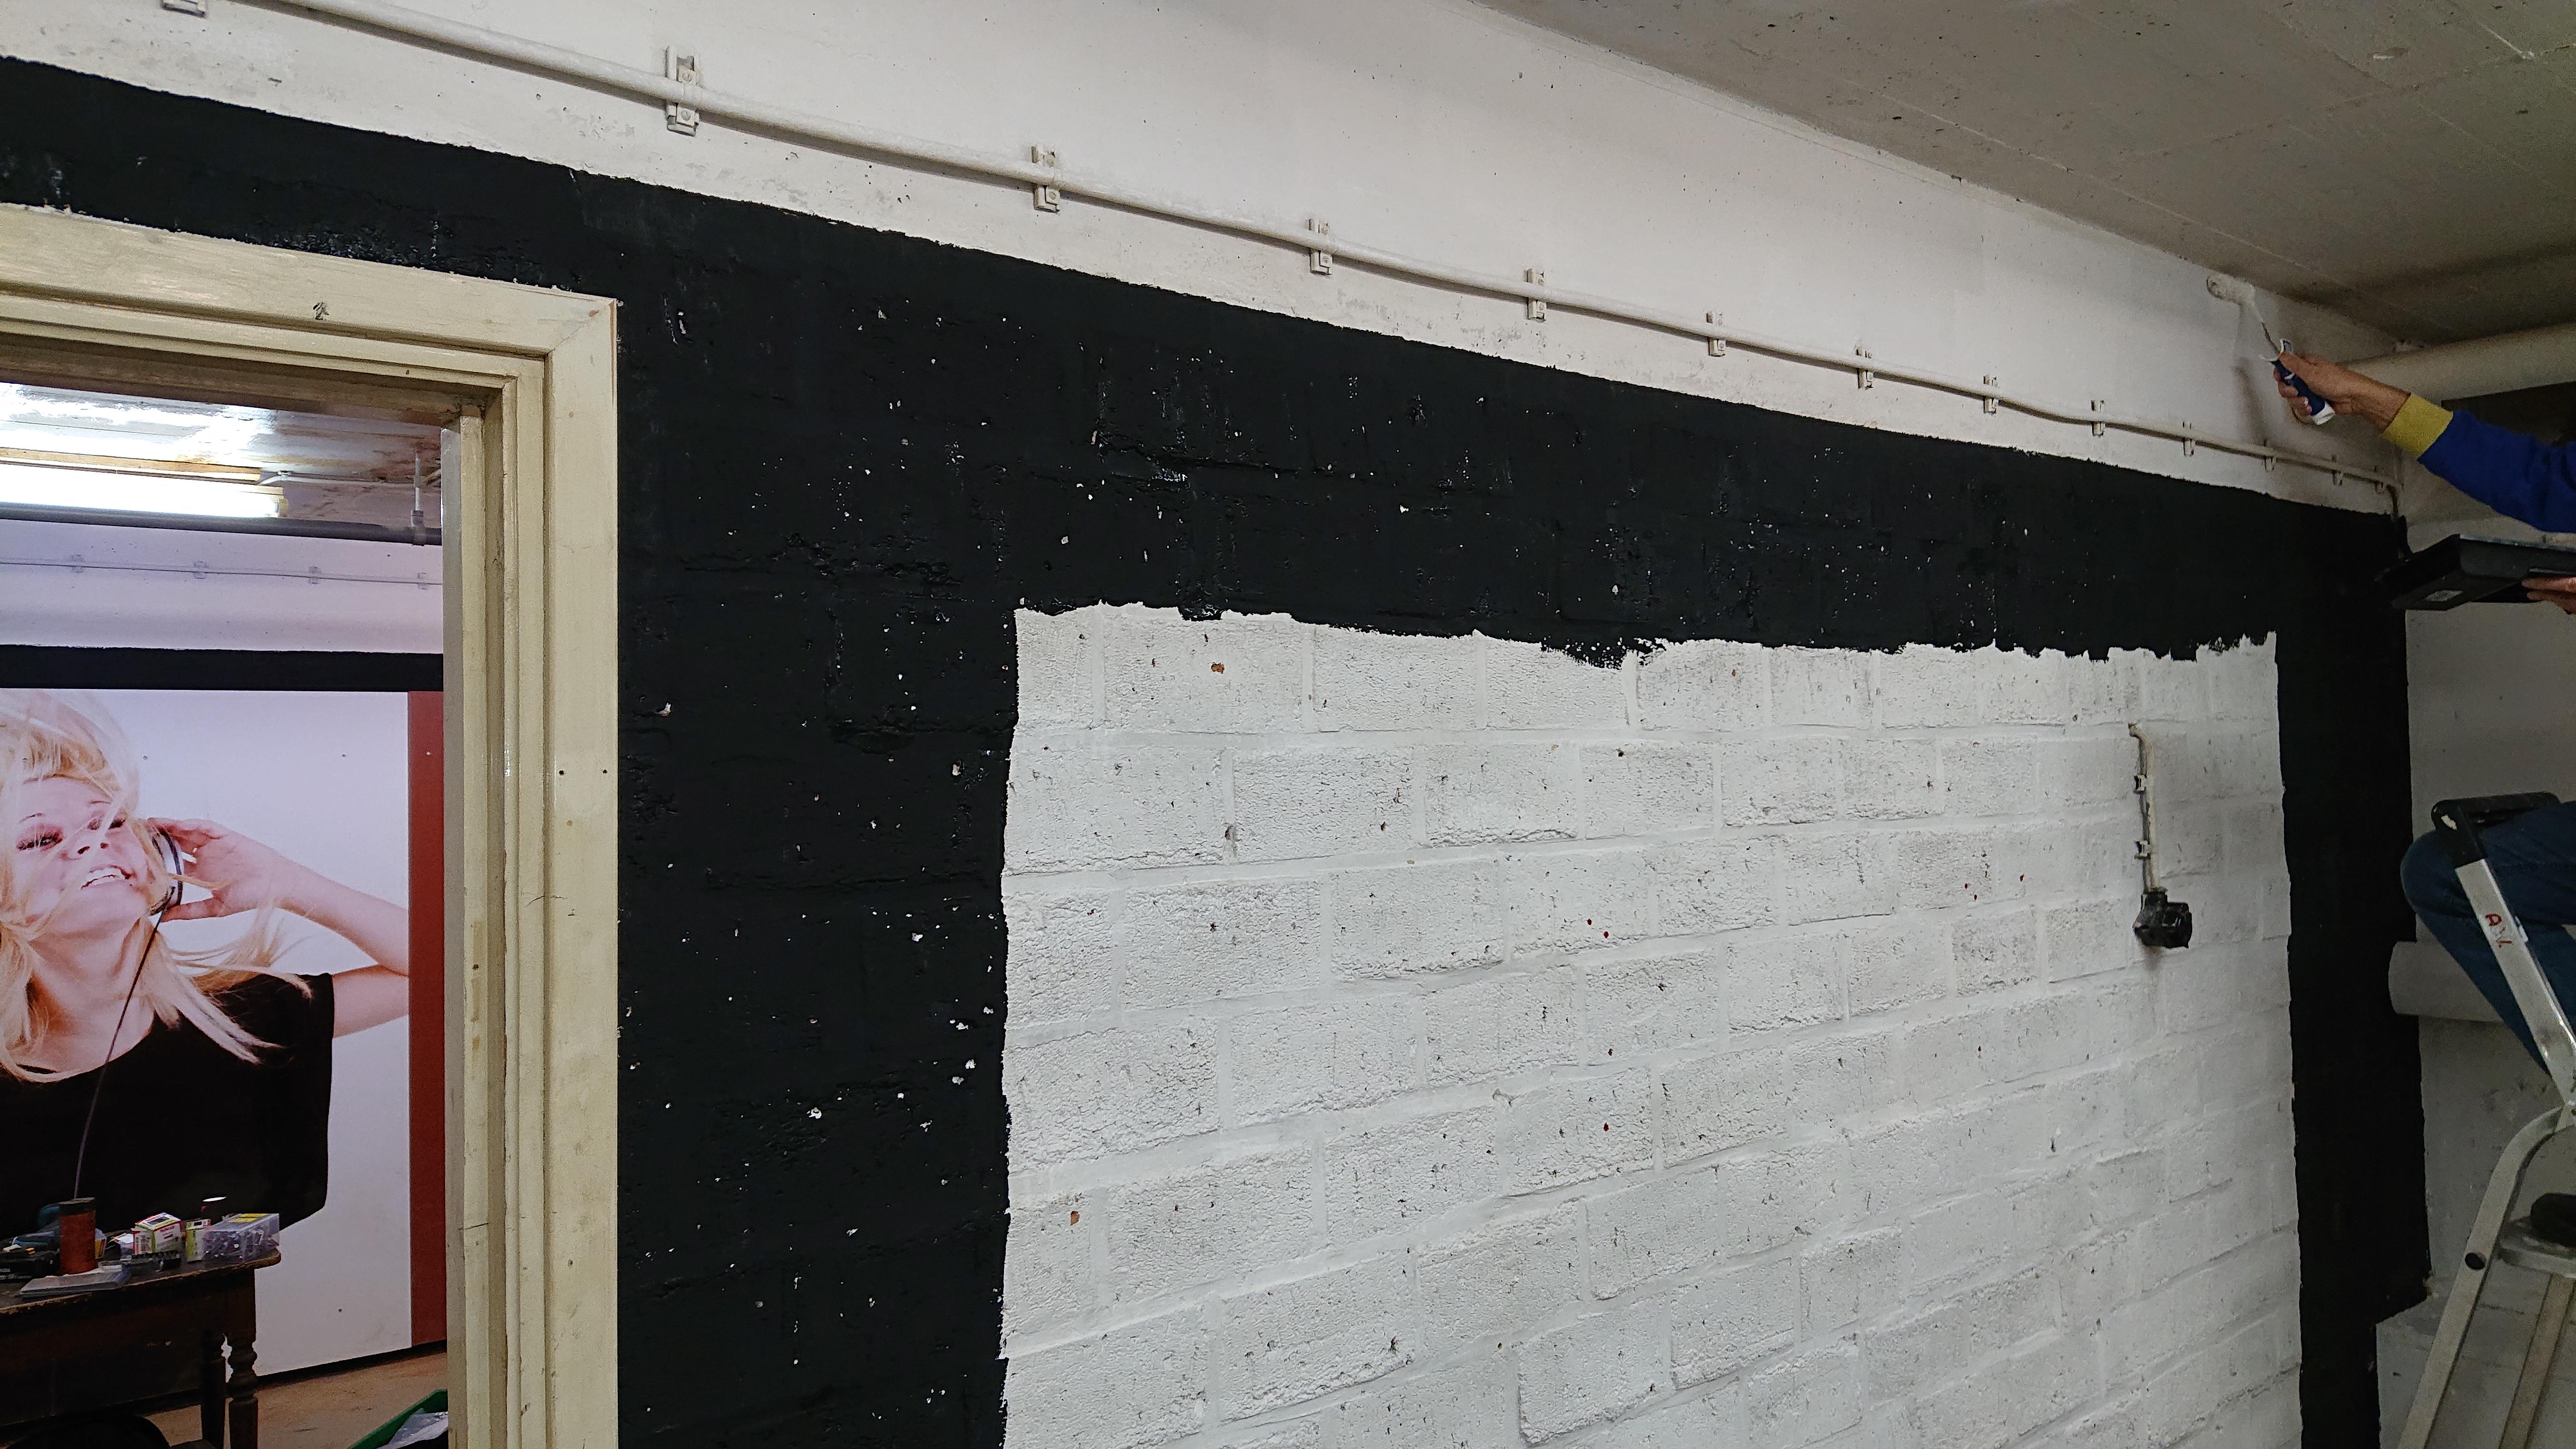 Ruimte 15 krijgt ook panelen